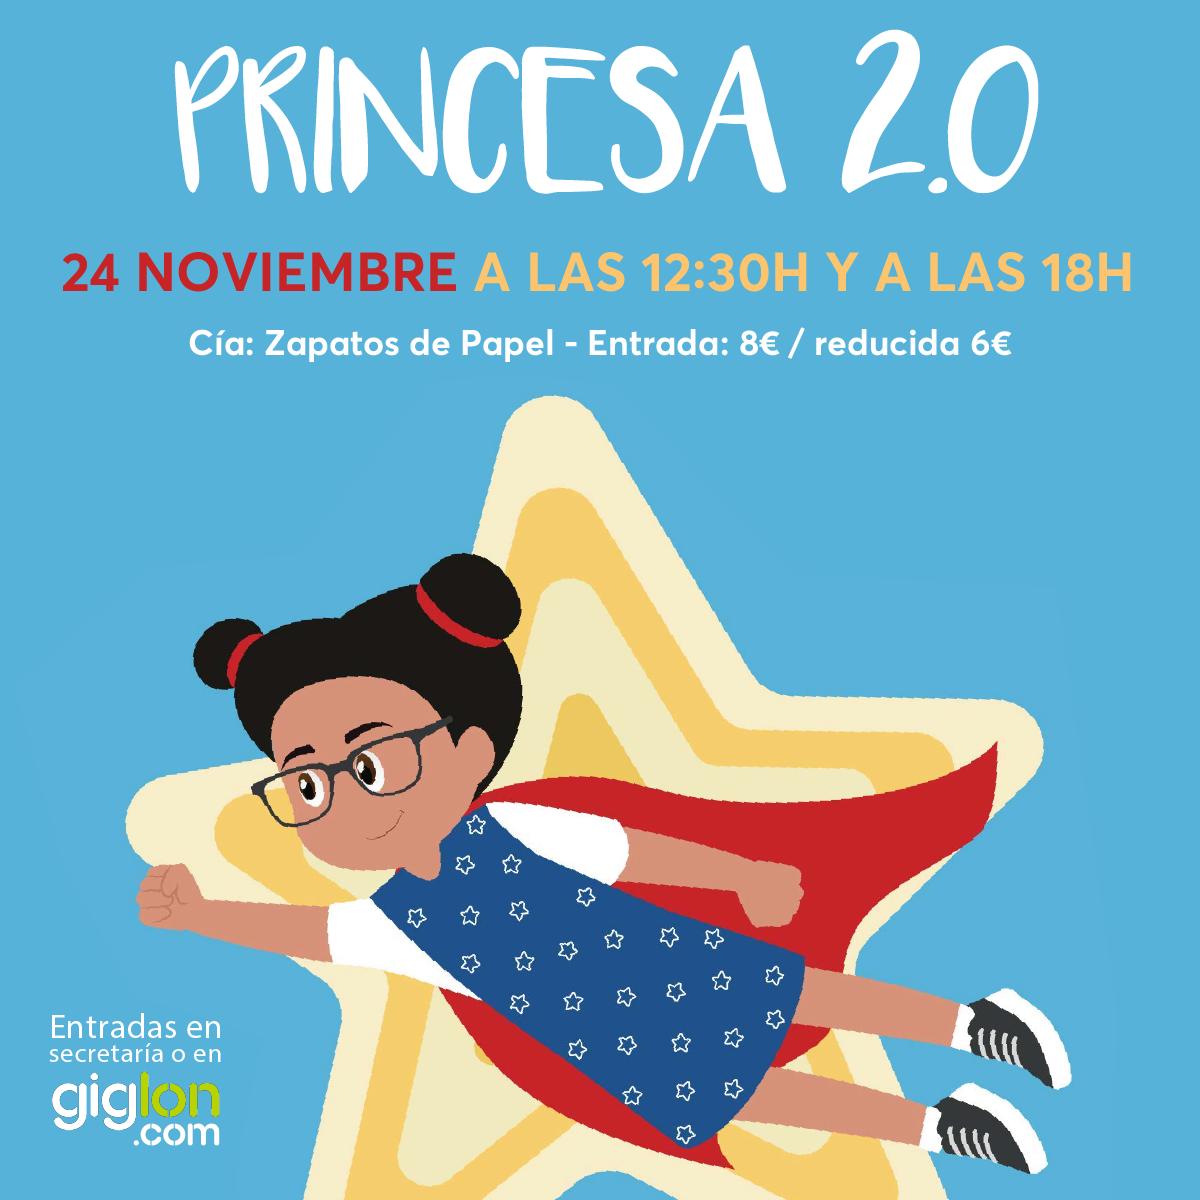 PRINCESA 2.0